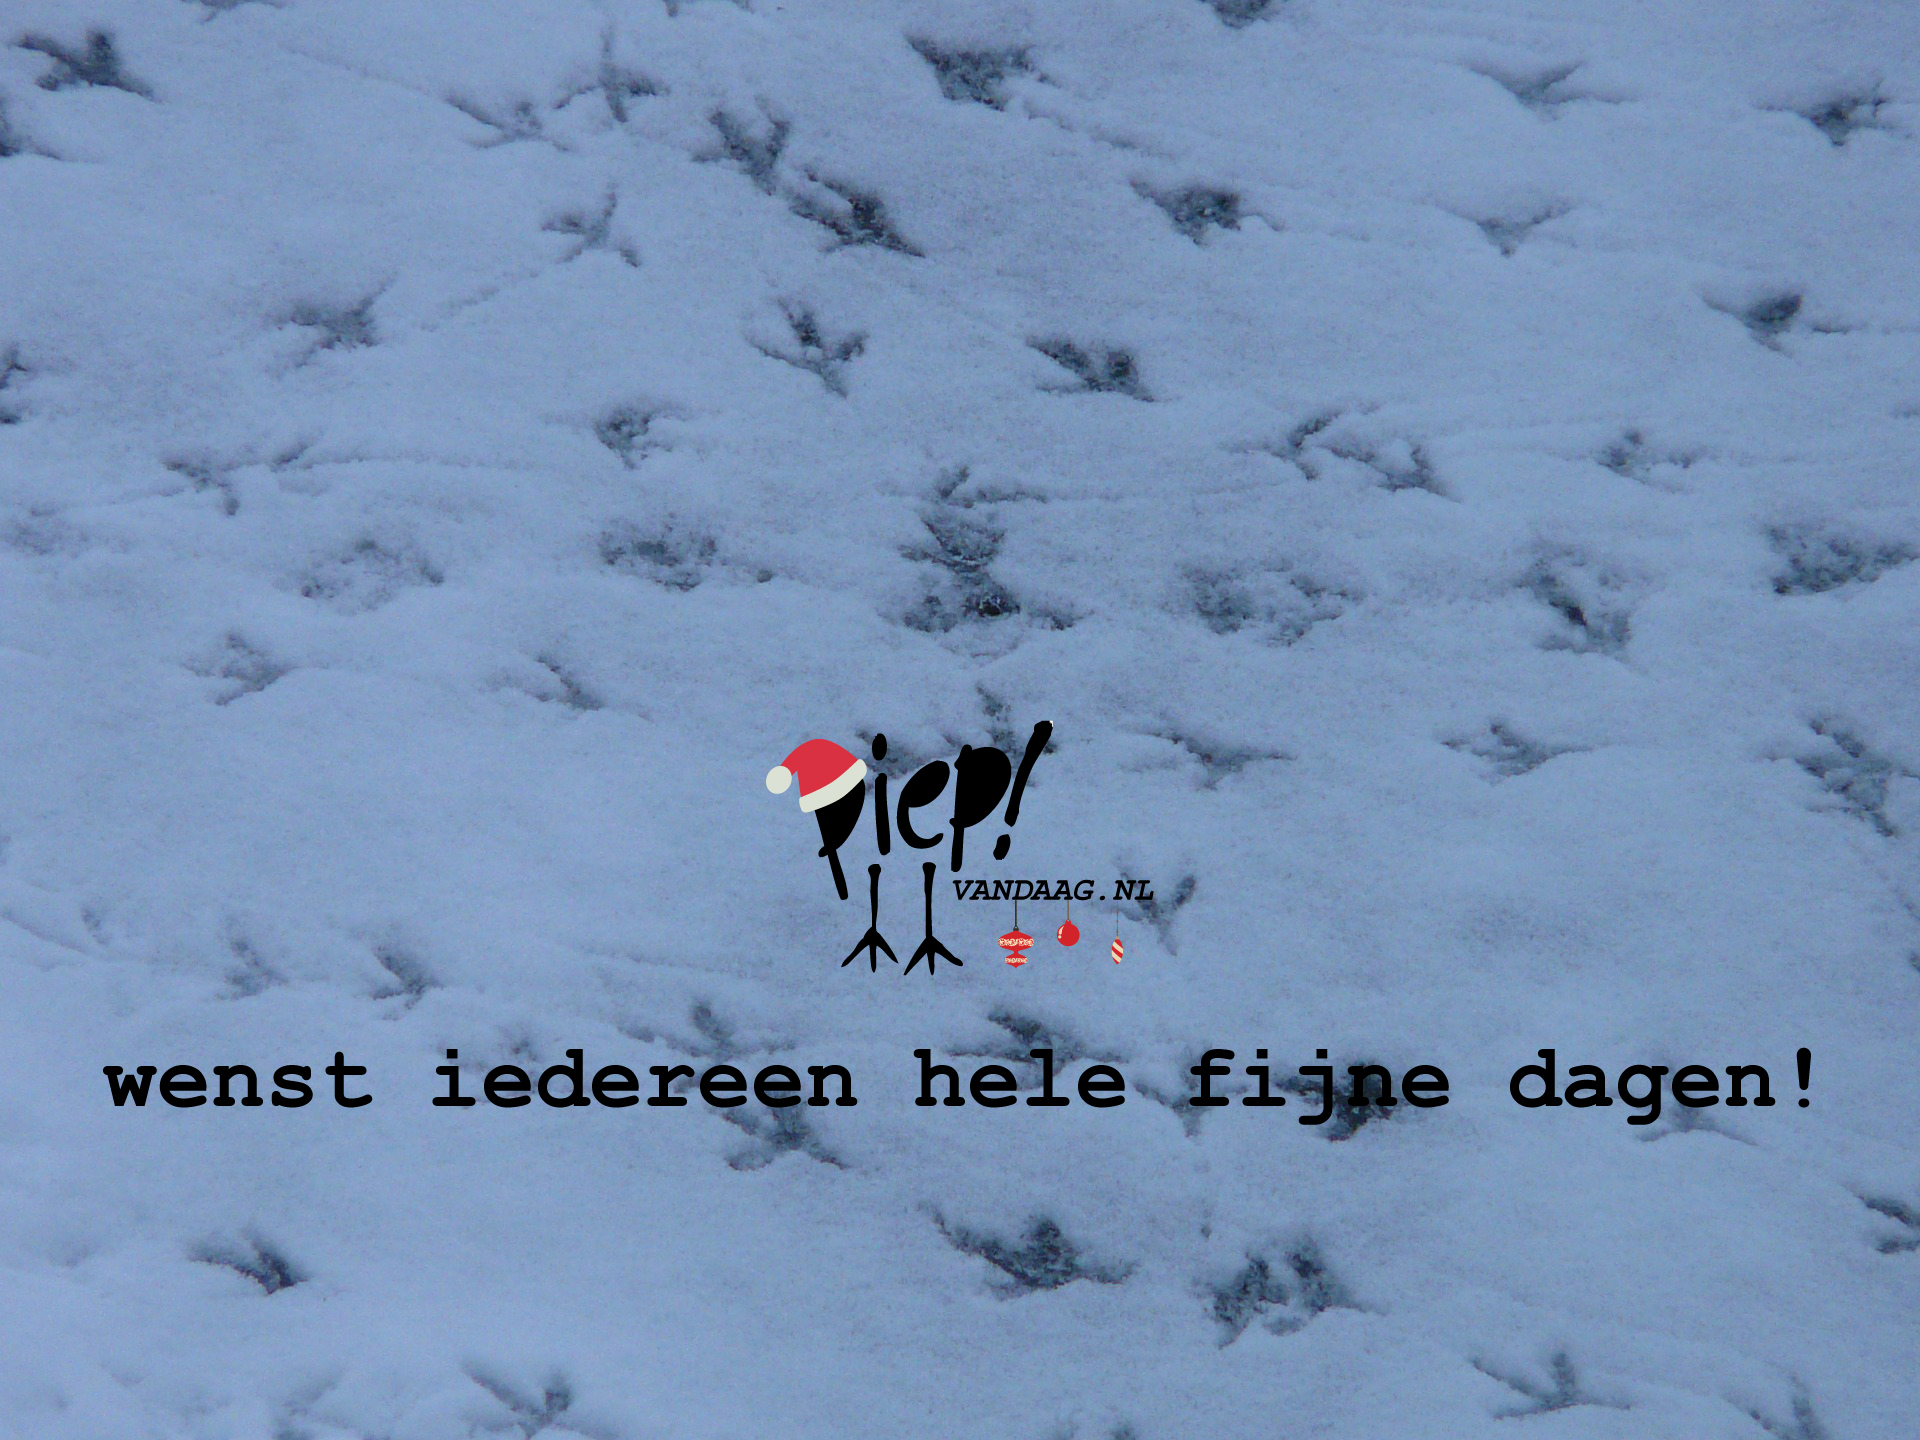 PiepVandaag kerstwens